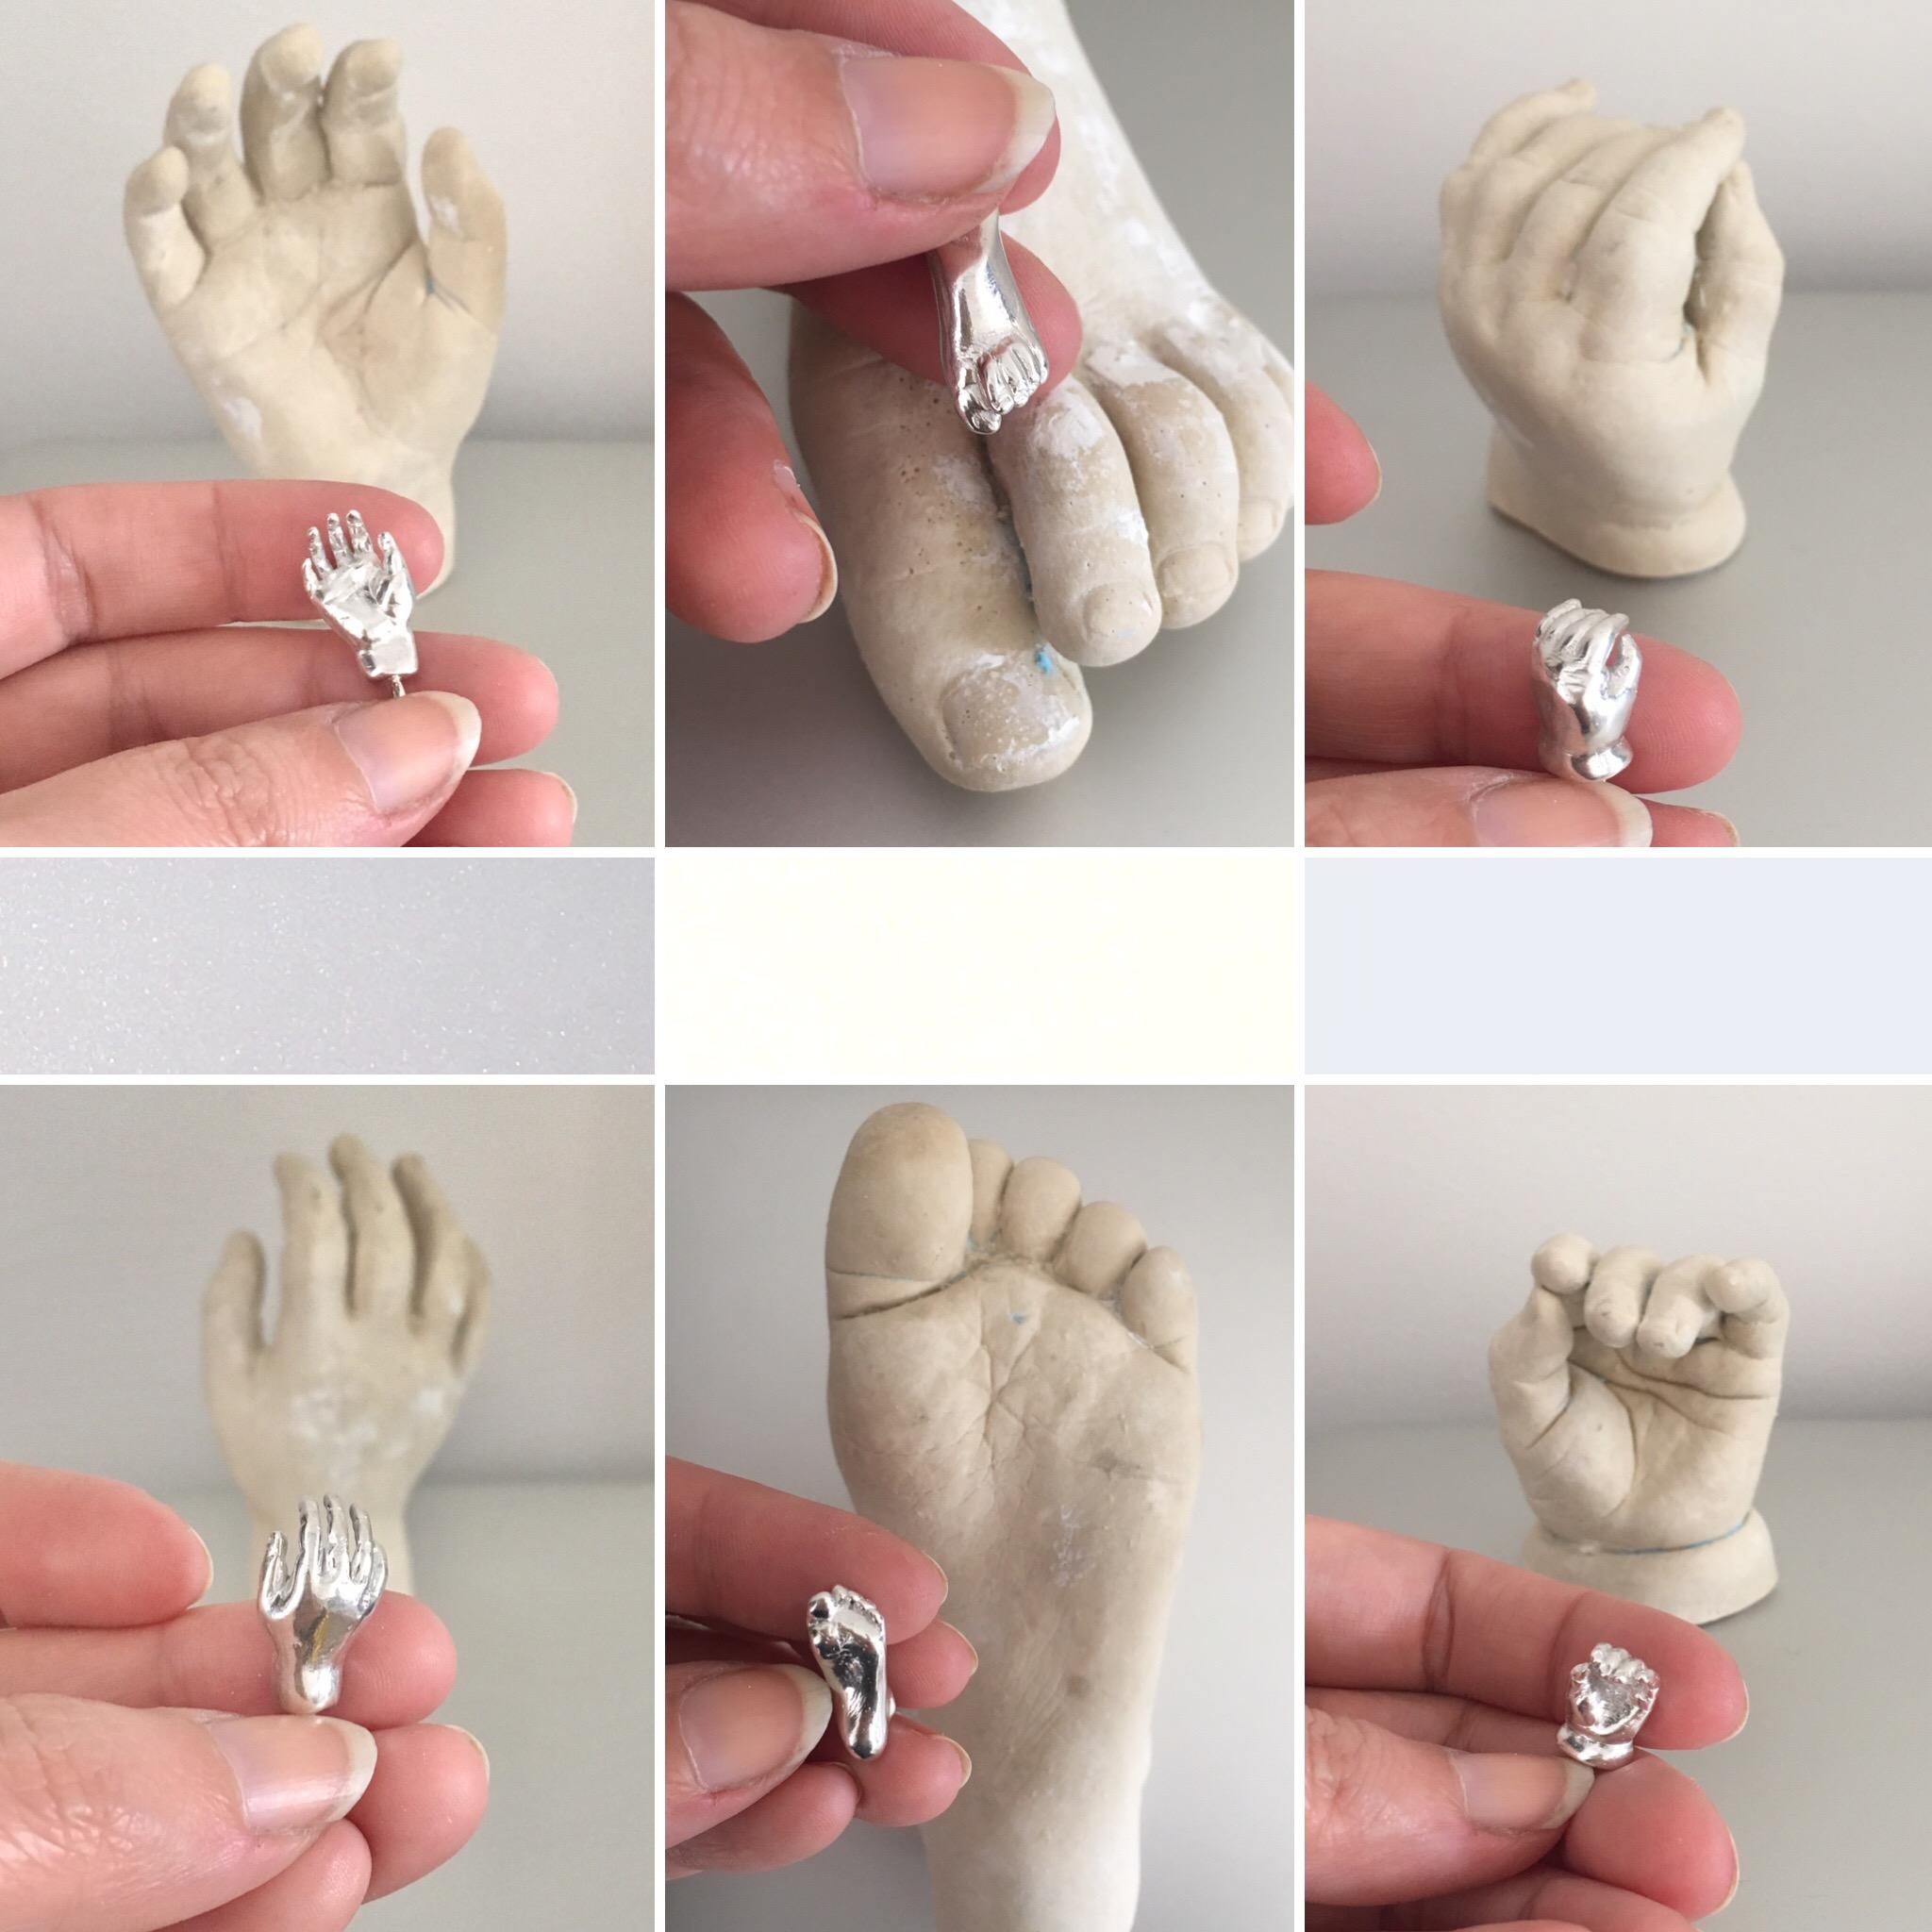 Miniaturised Casts